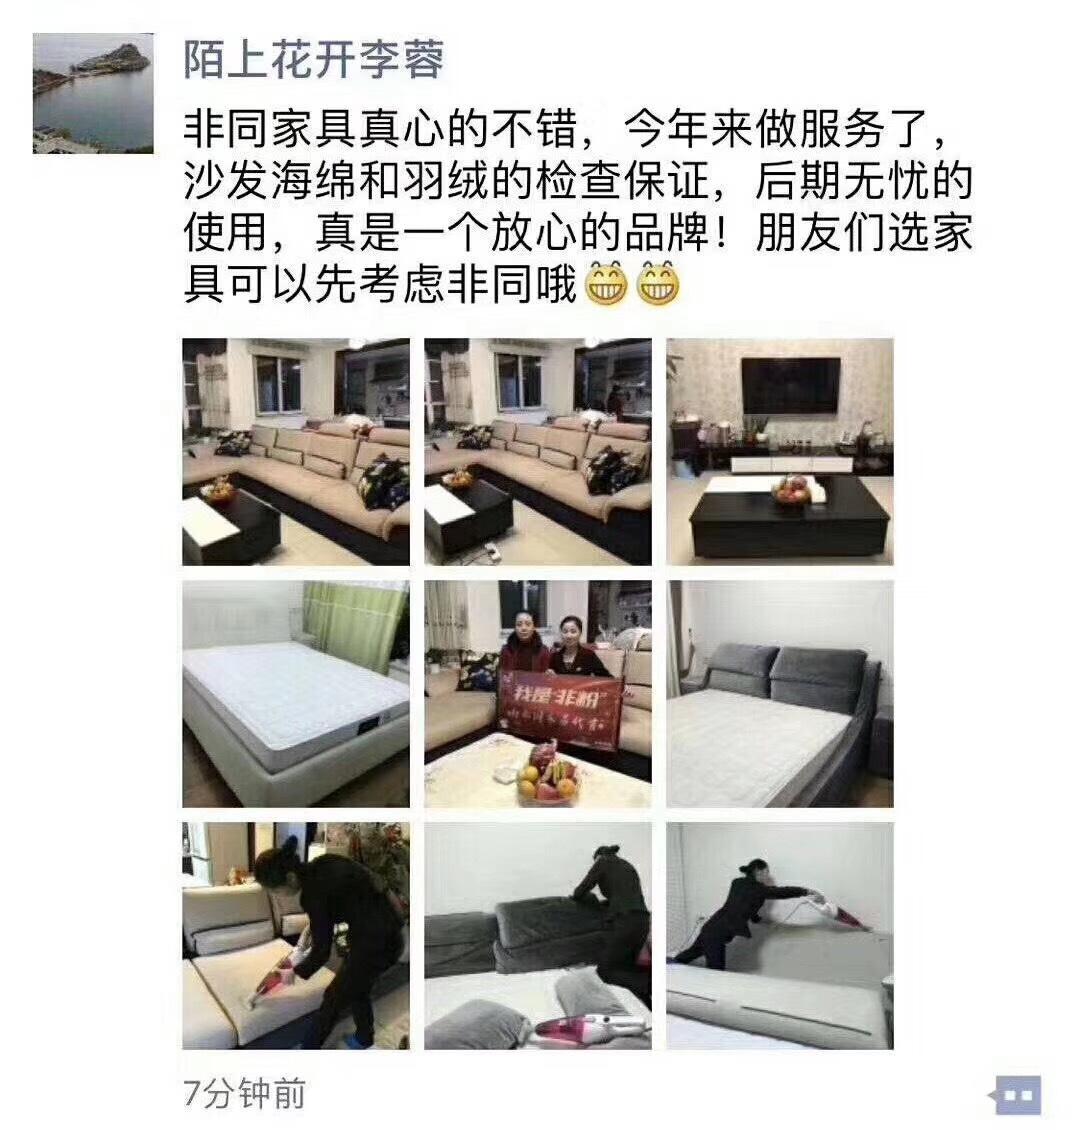 金沙娱城js3311.com